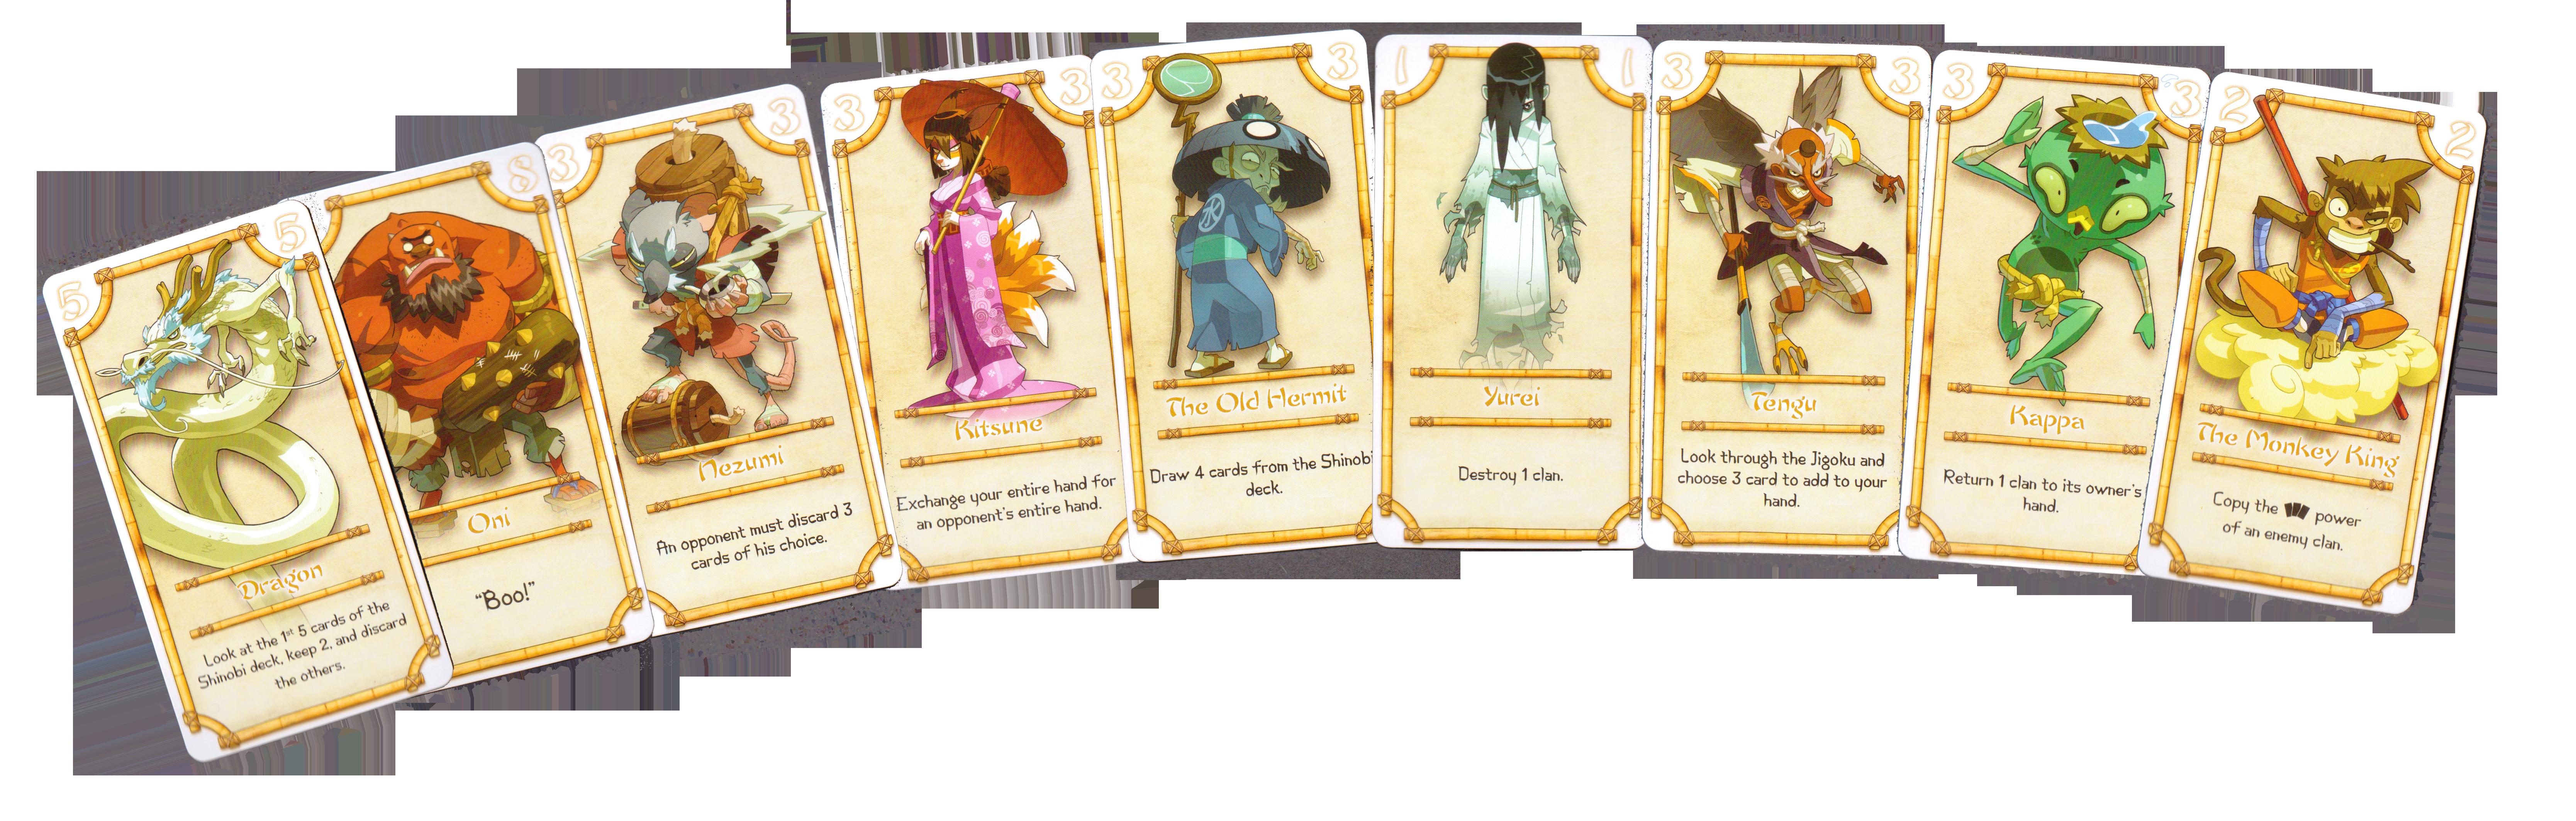 The Yokai Cards